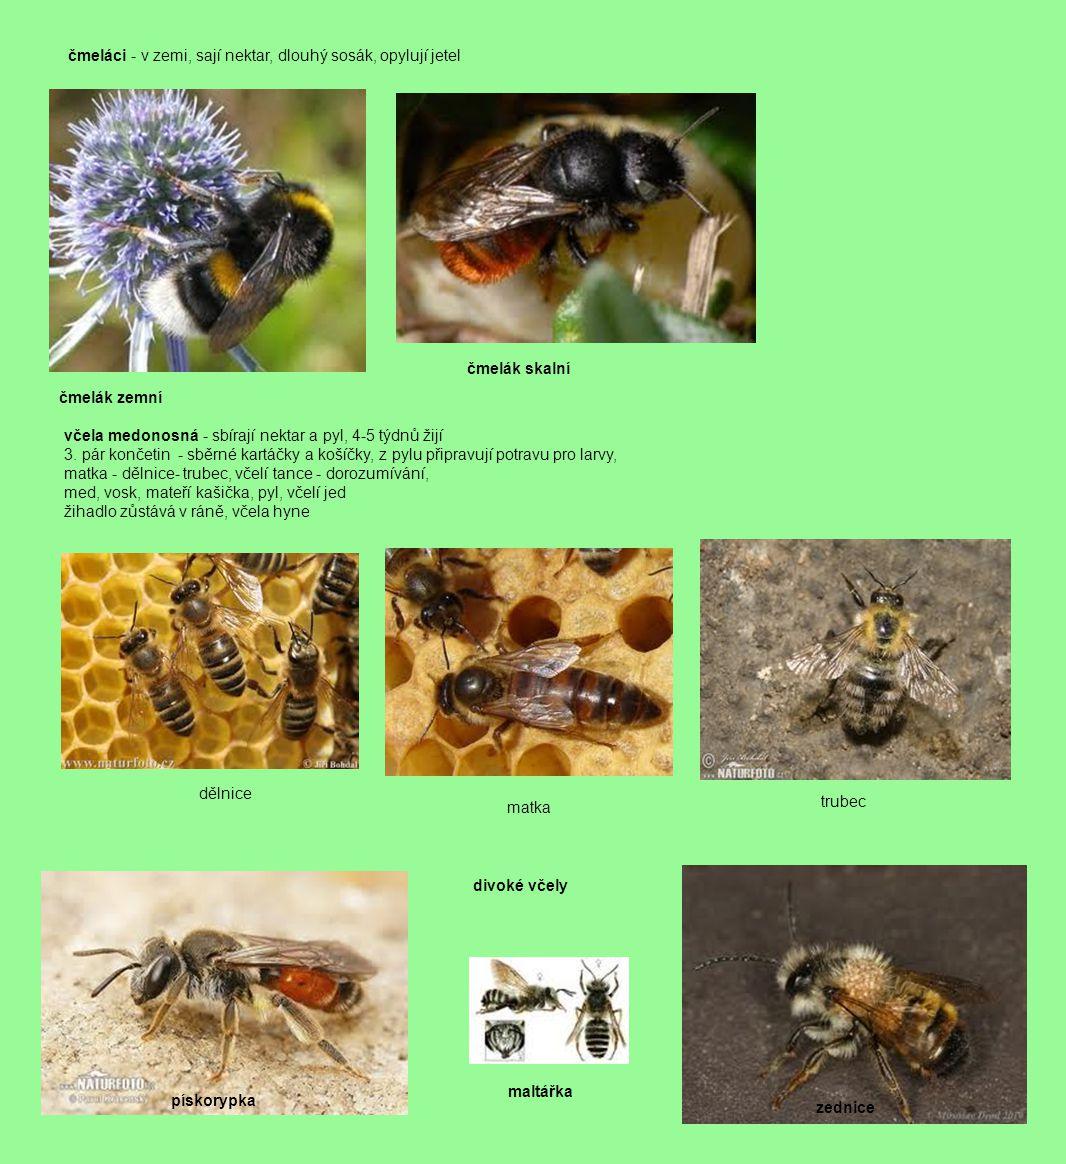 čmeláci - v zemi, sají nektar, dlouhý sosák, opylují jetel čmelák zemní čmelák skalní včela medonosná - sbírají nektar a pyl, 4-5 týdnů žijí 3. pár ko